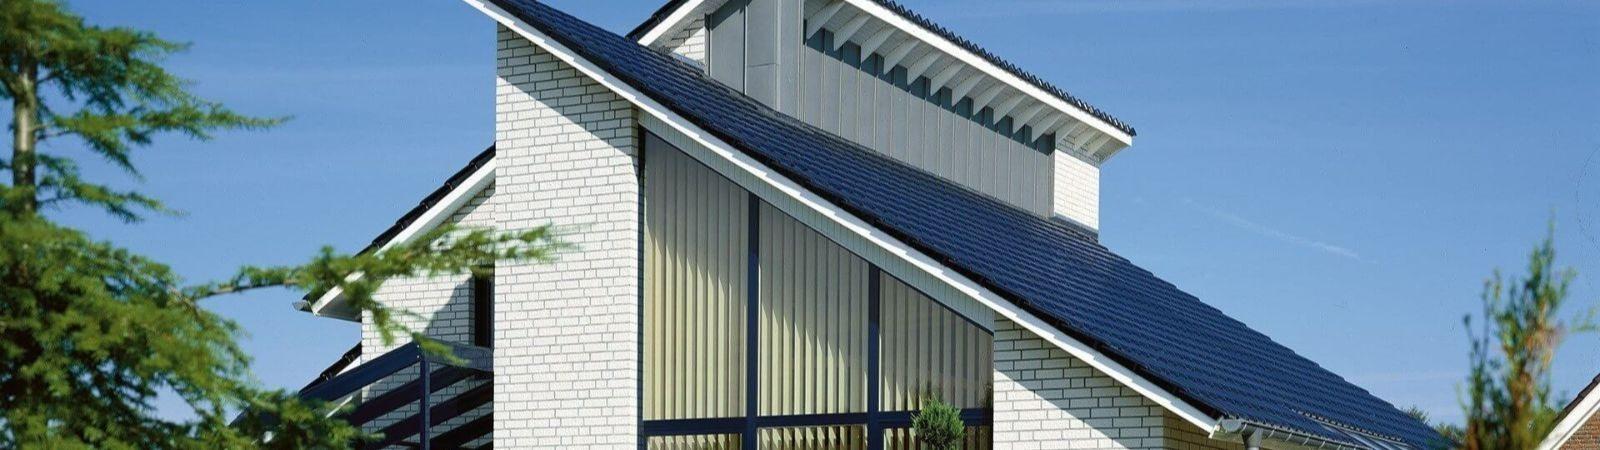 Укладання ондулiна на односхилий дах: особливості, схема, нюанси